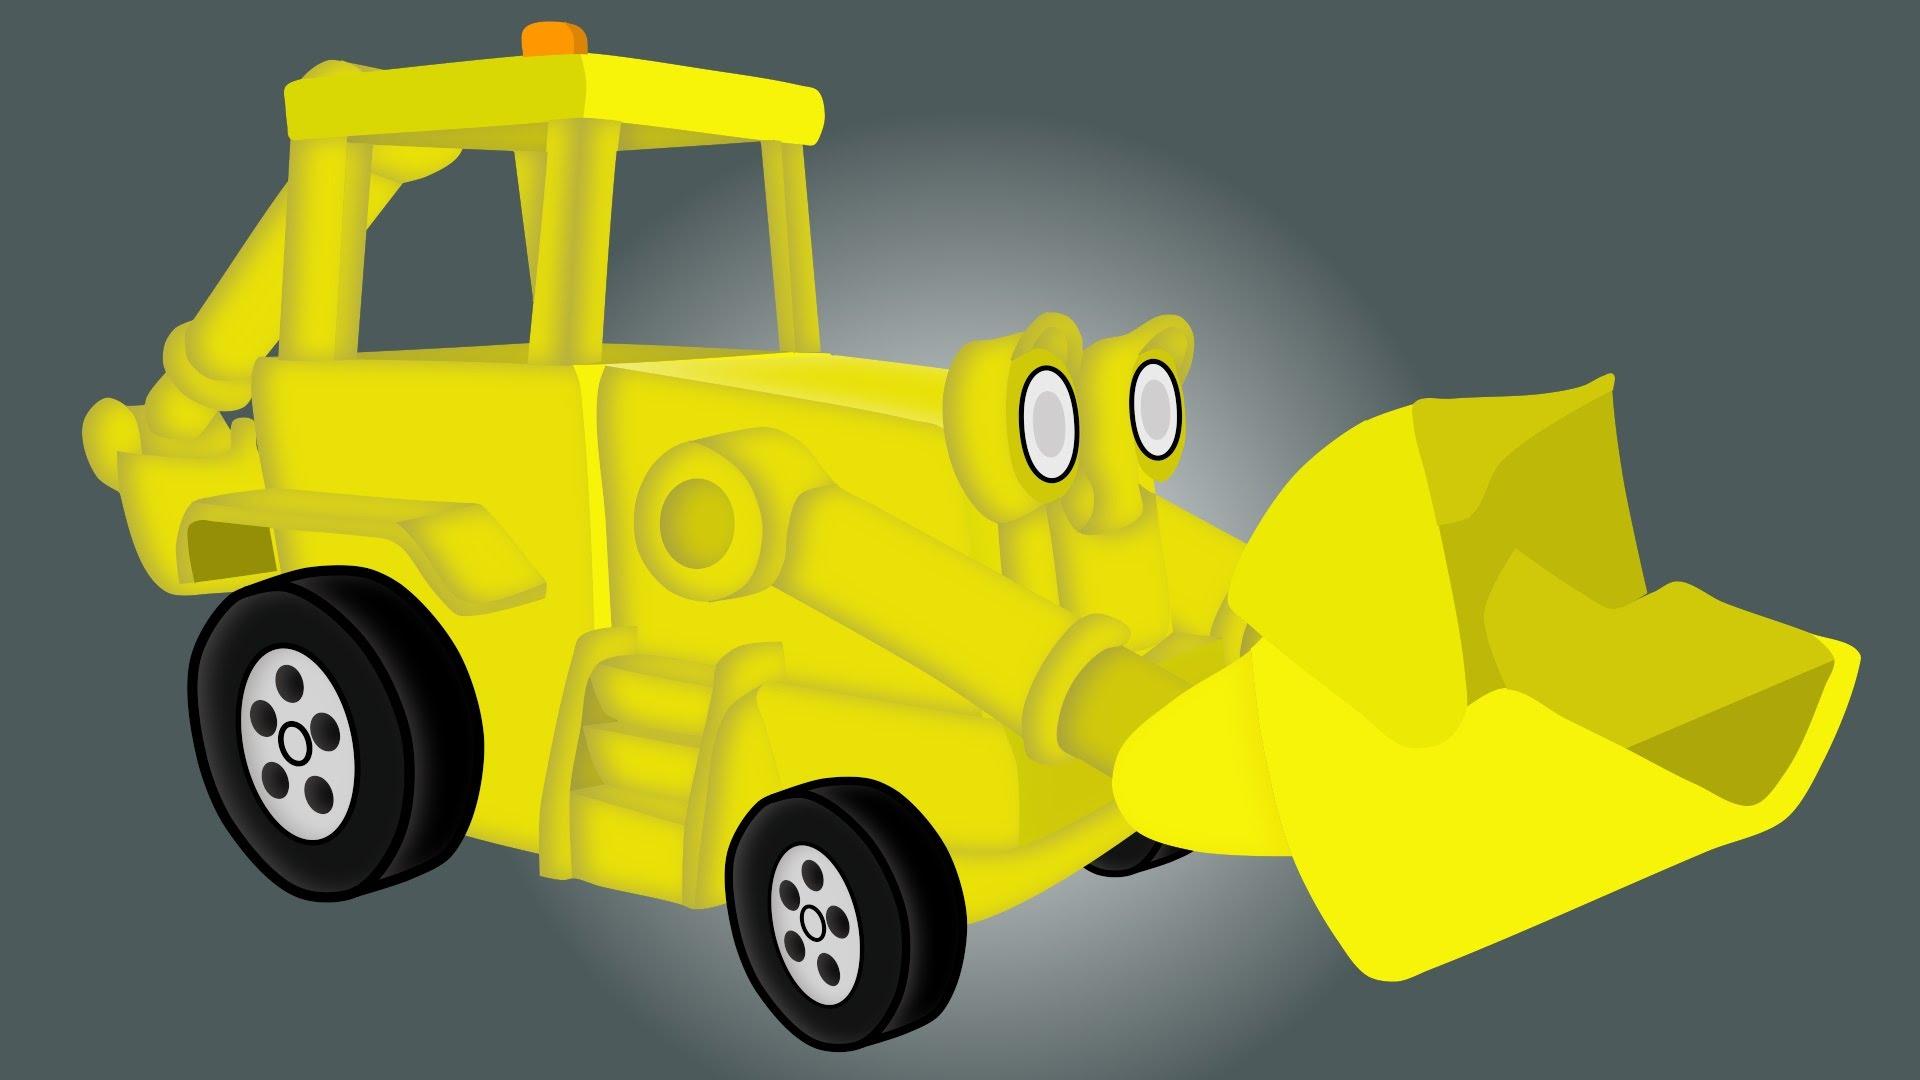 Backhoe Loader | Vehicle for children | Koparka Bajka Dla ...